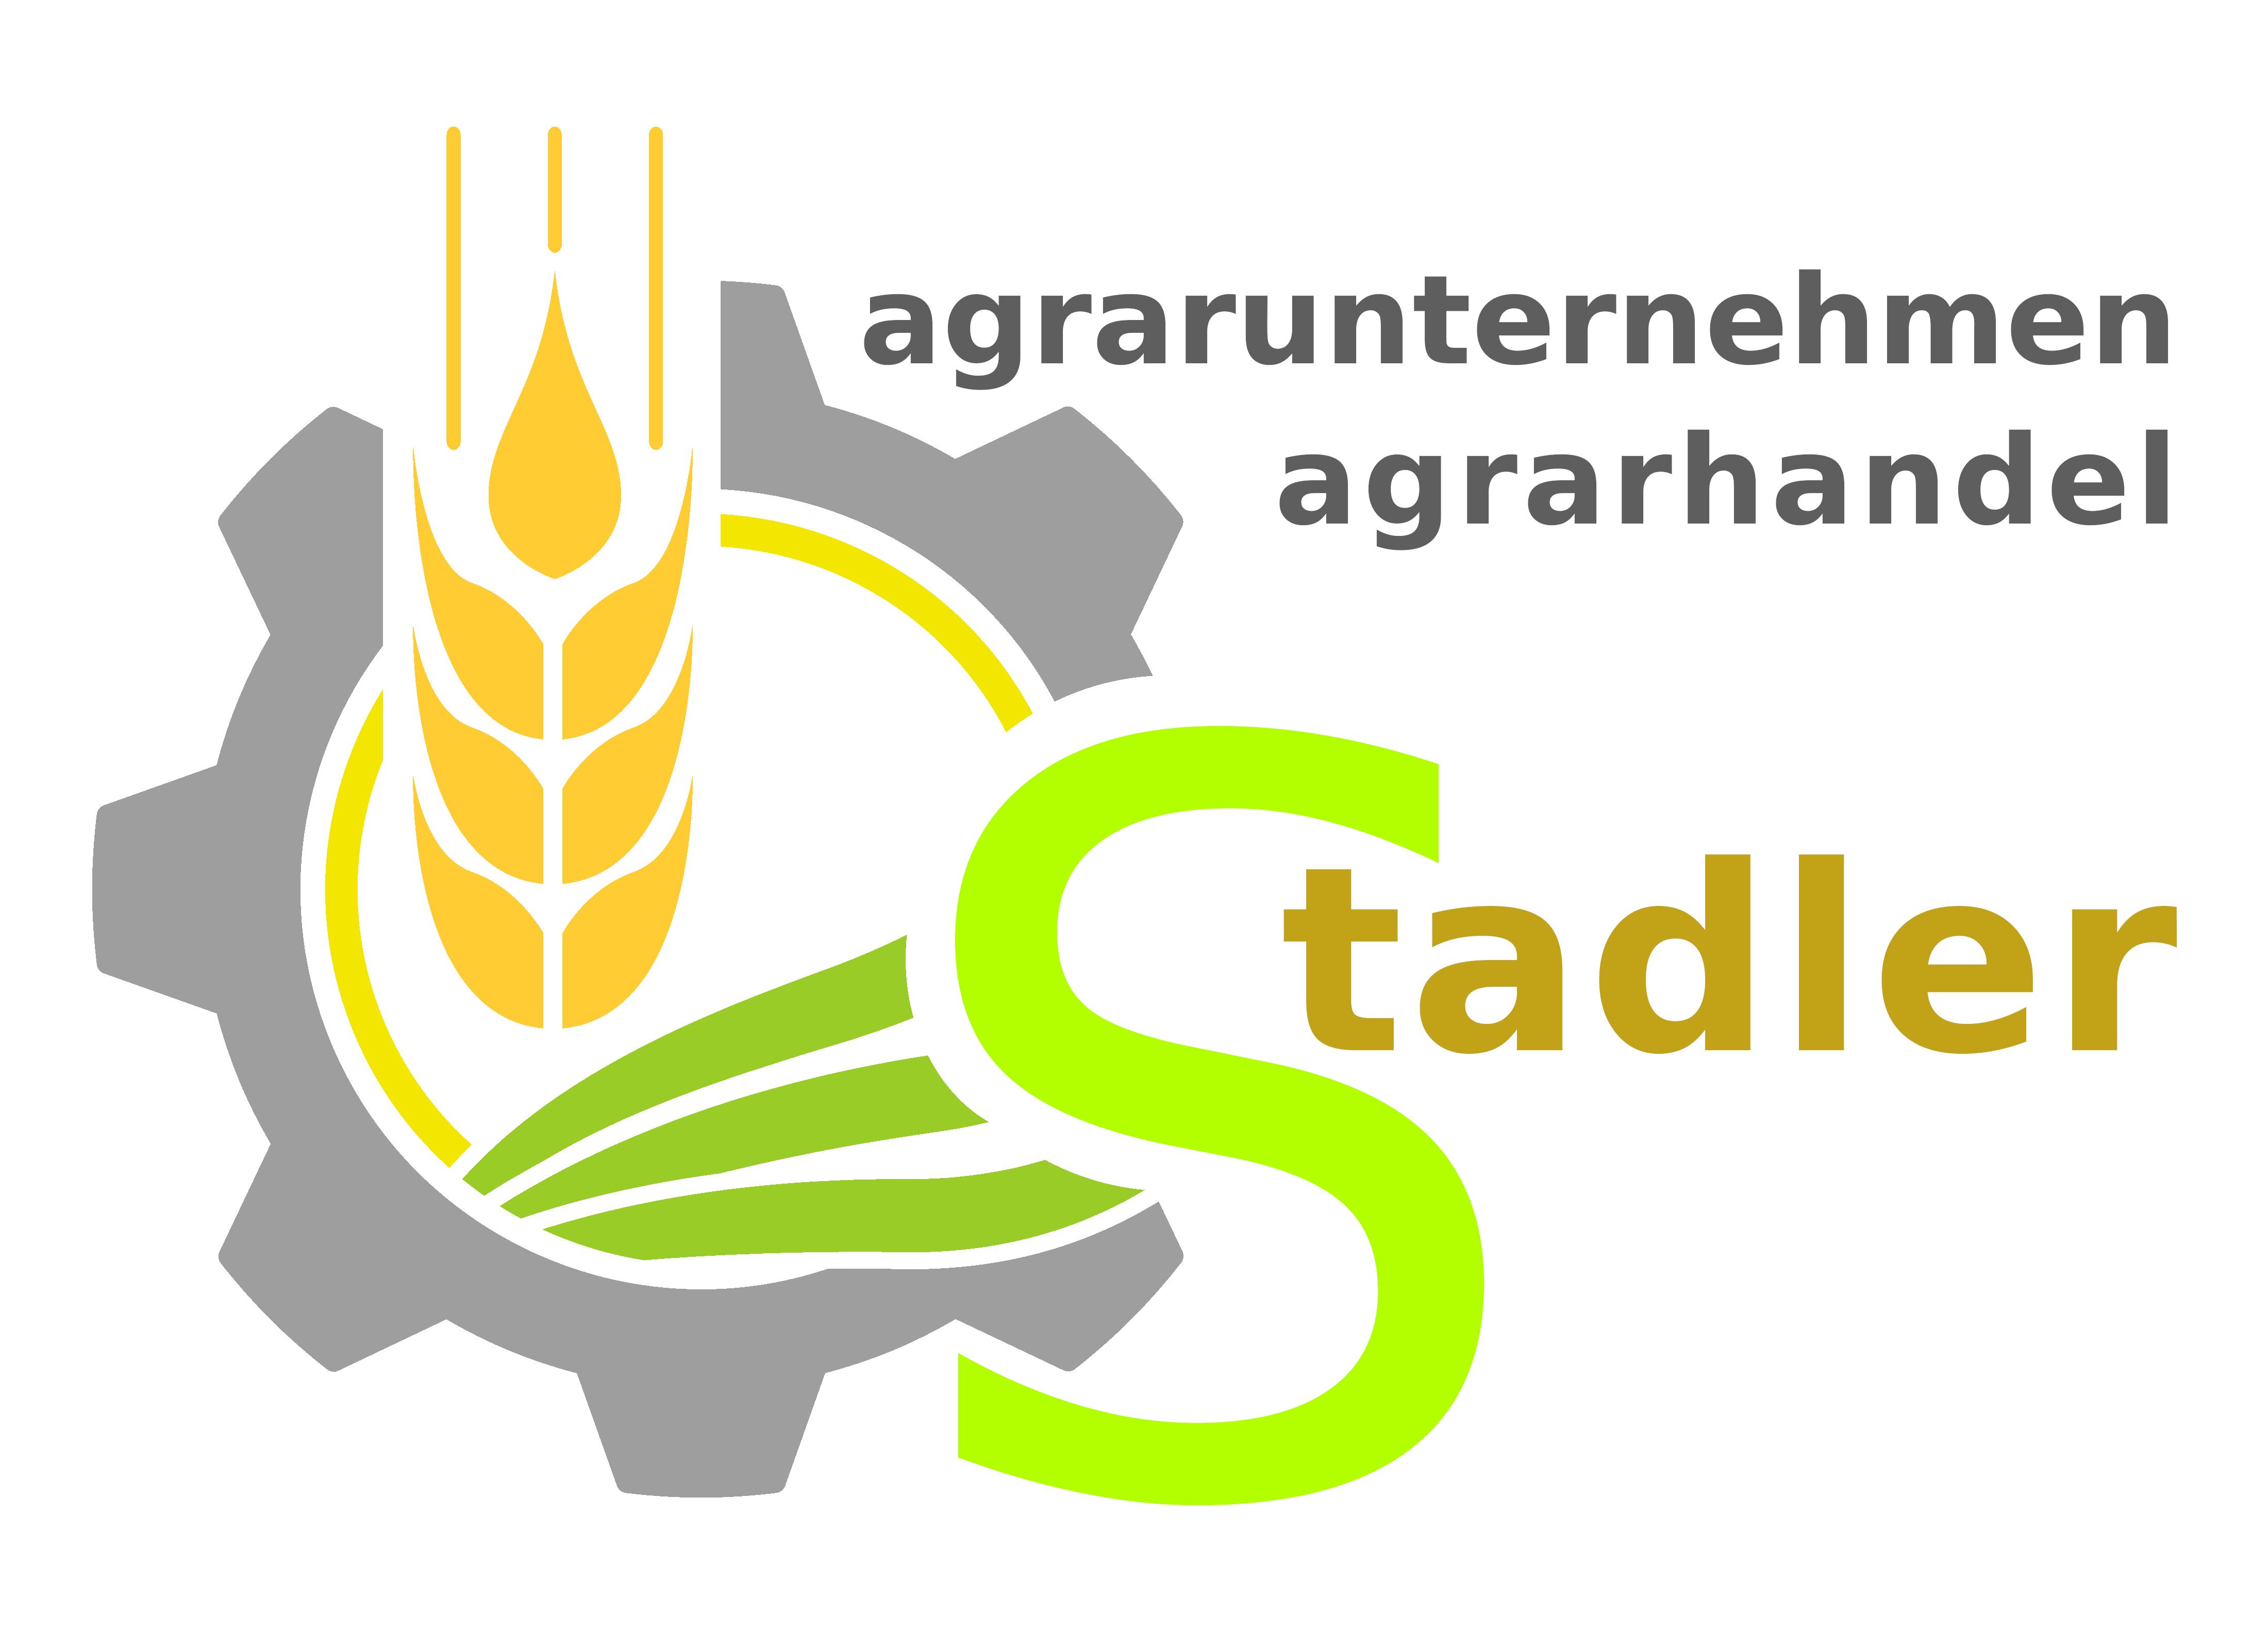 Agrarunternehmen Stadler